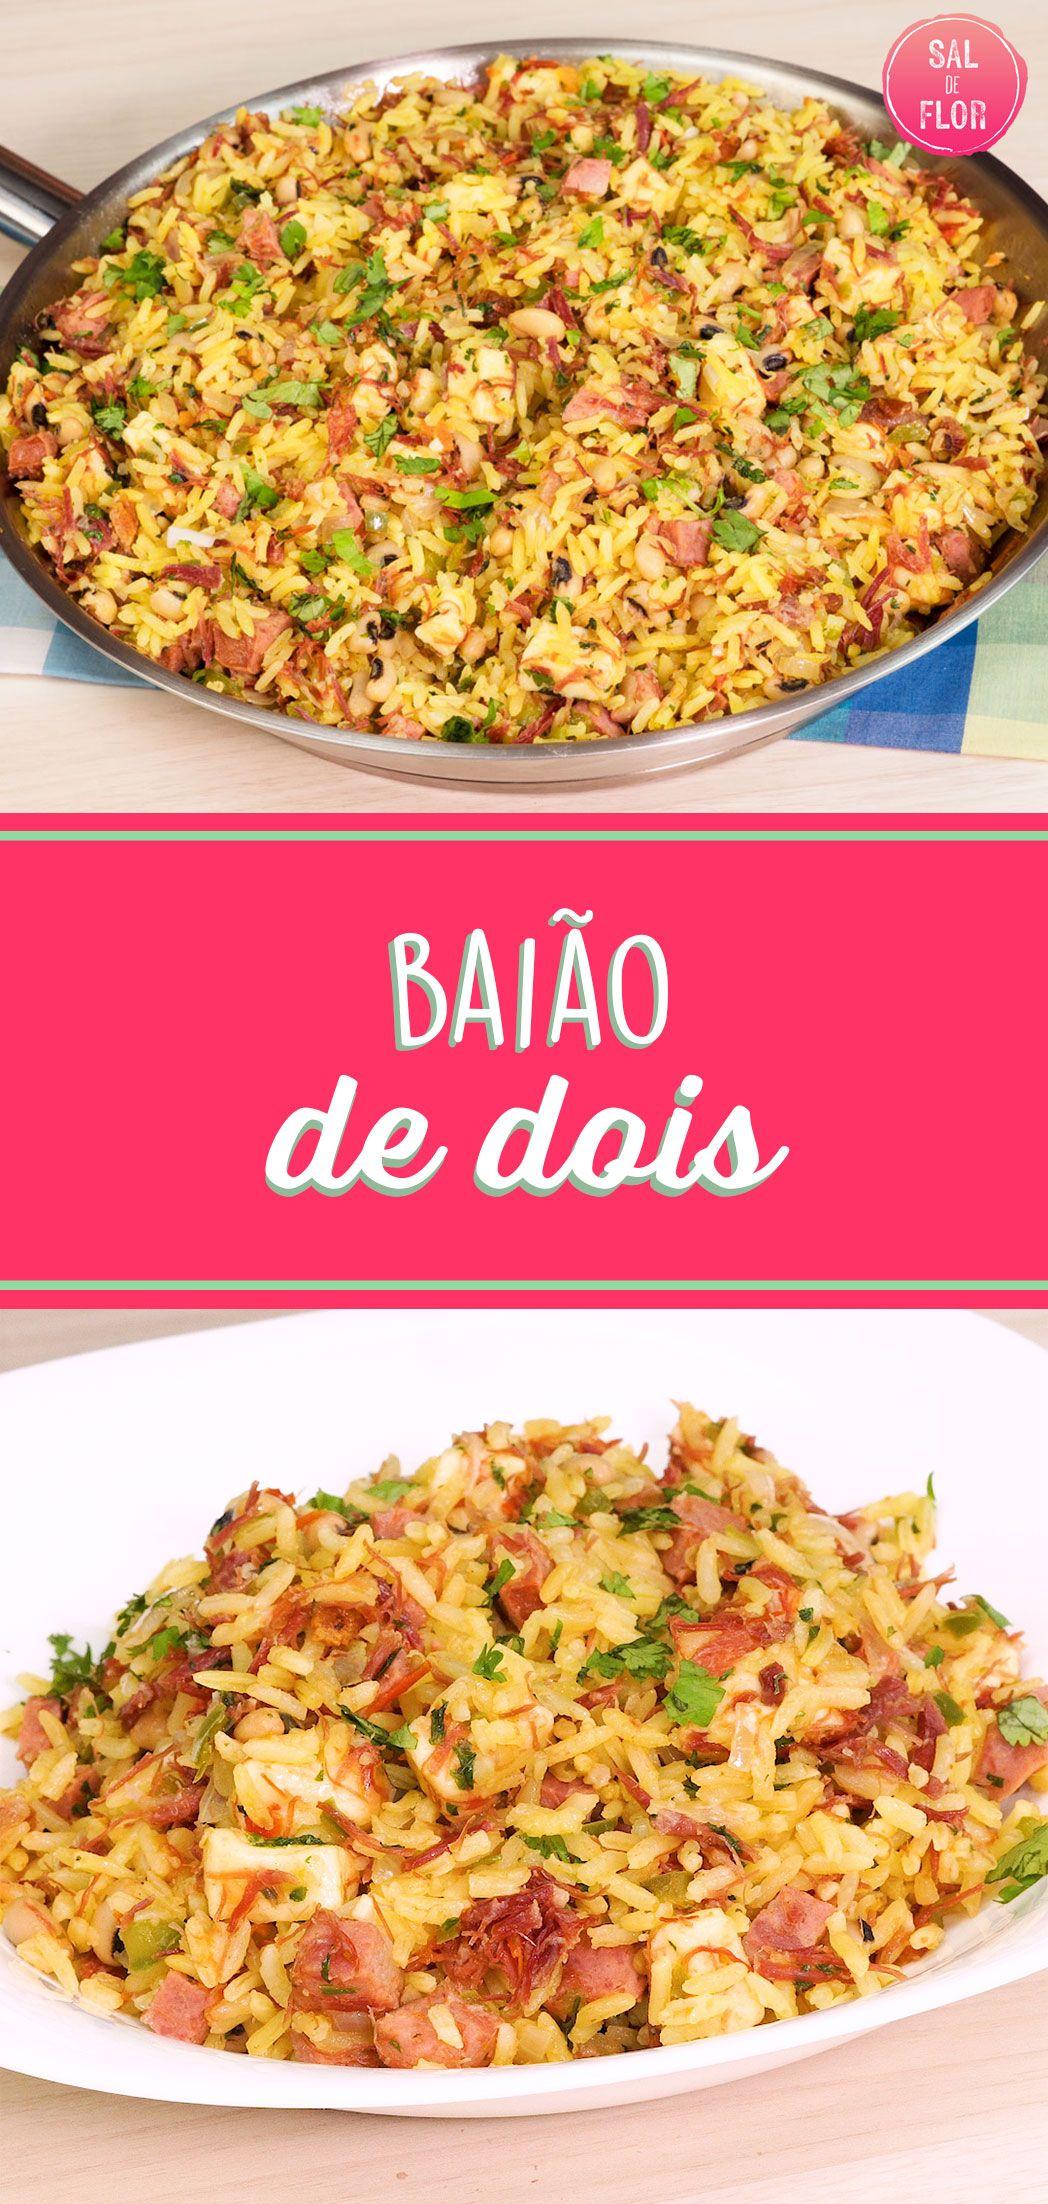 Baiao De 2 Com Imagens Receitas Culinaria Nordestina